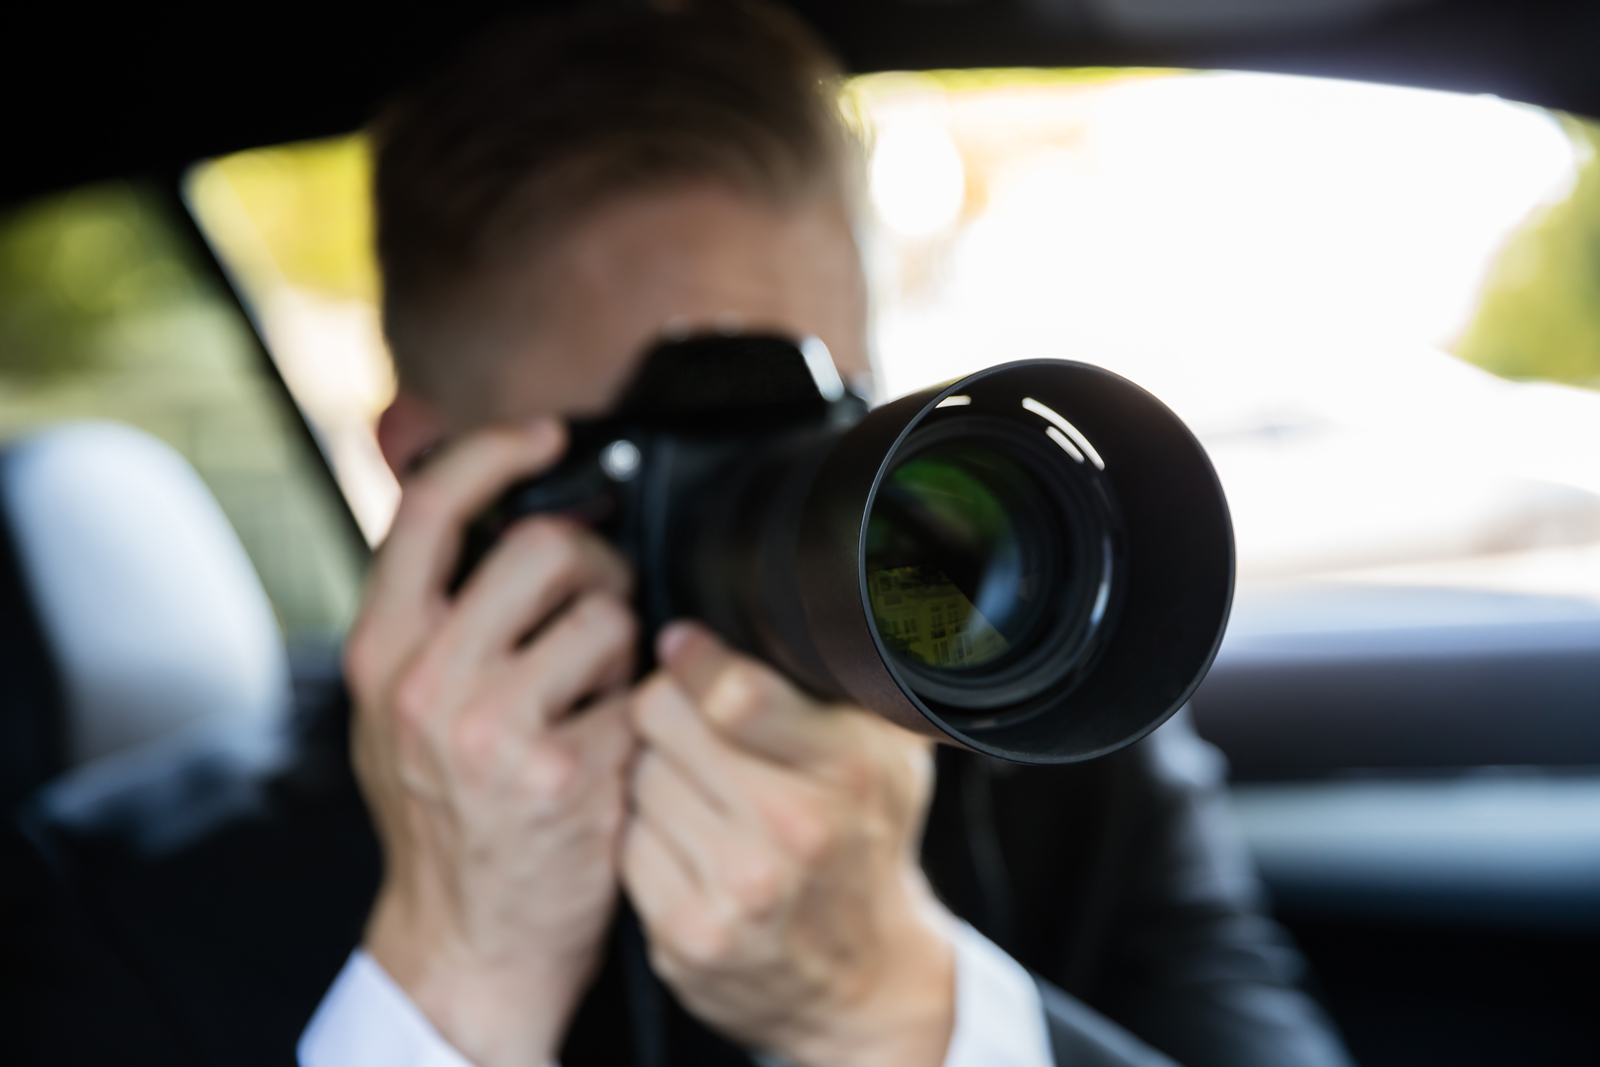 Private Investigations in Utica, New York